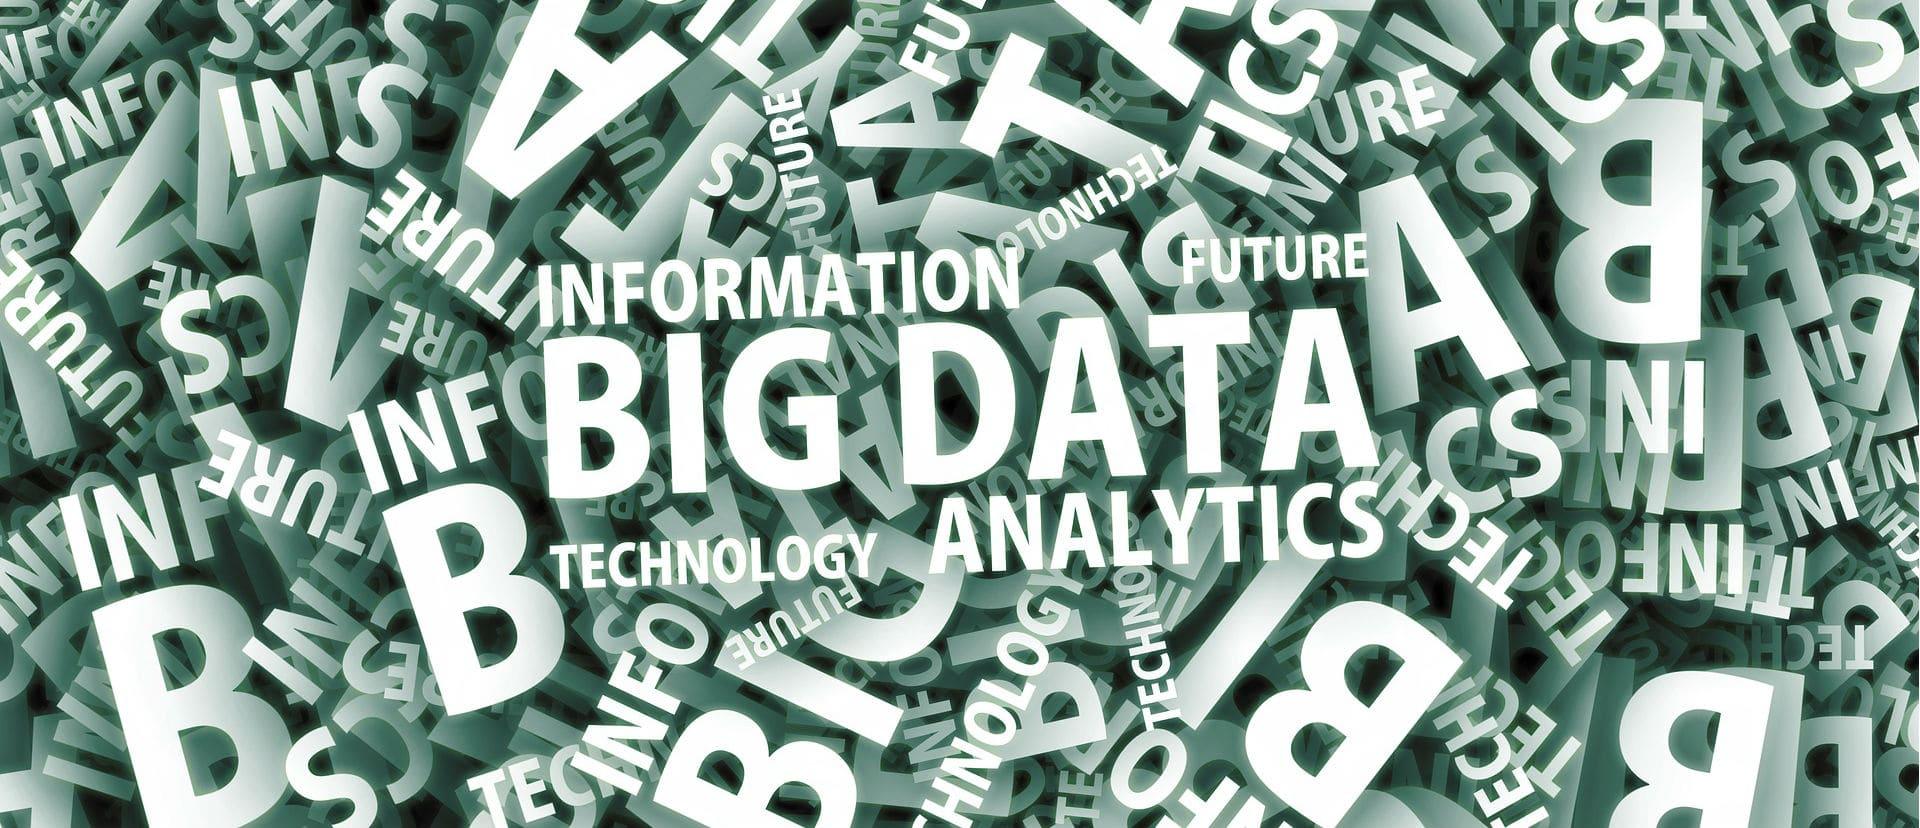 El experto en Big Data es uno de los perfiles más demandados por las empresas